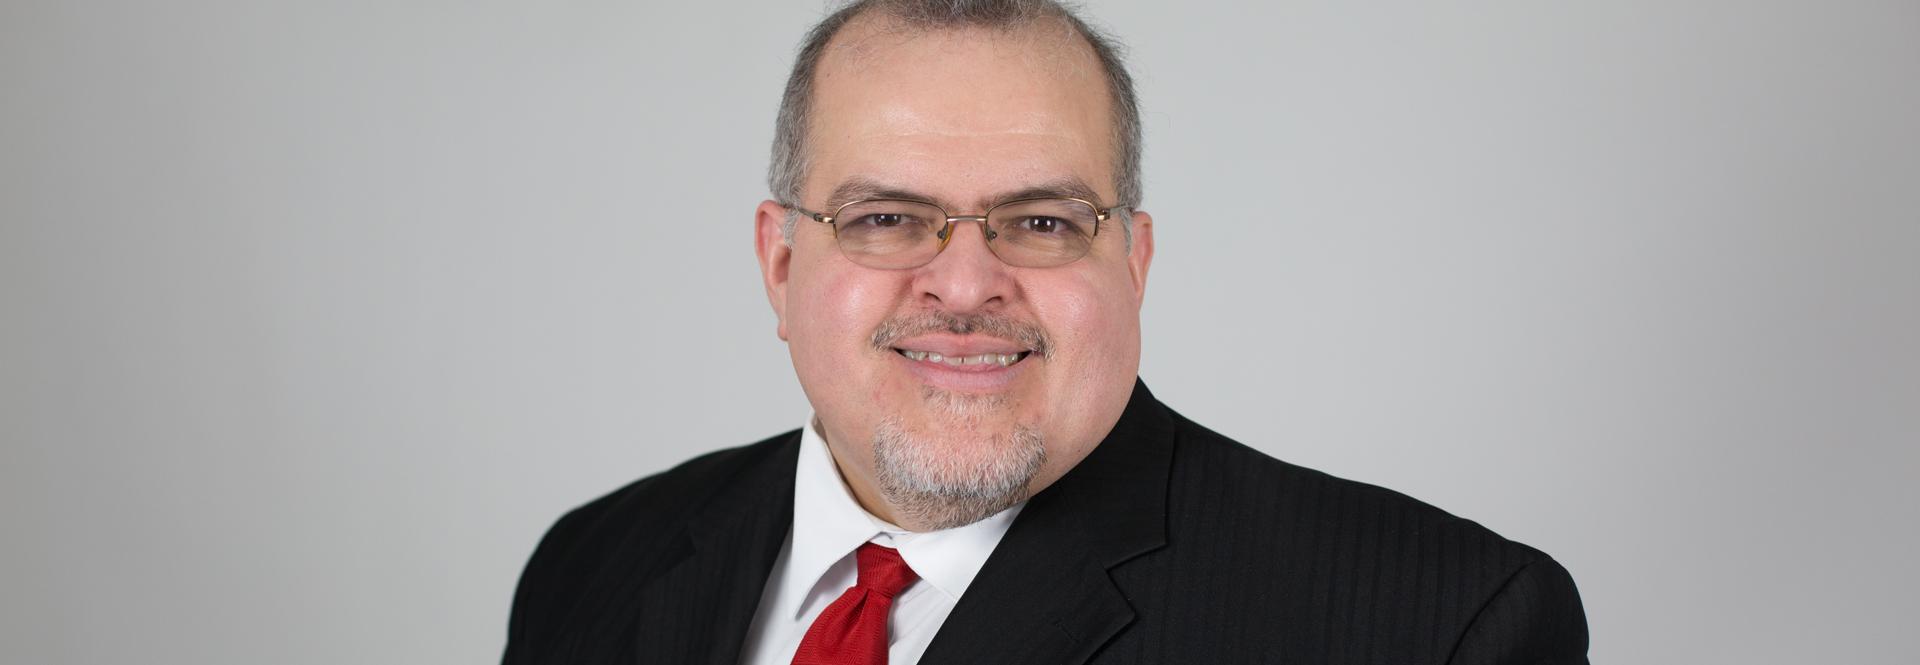 David Hurtado,decano de Administración y Desarrollo de Programa de Esperanza College of Eastern University. Foto: Samantha Laub / AL DÍA News